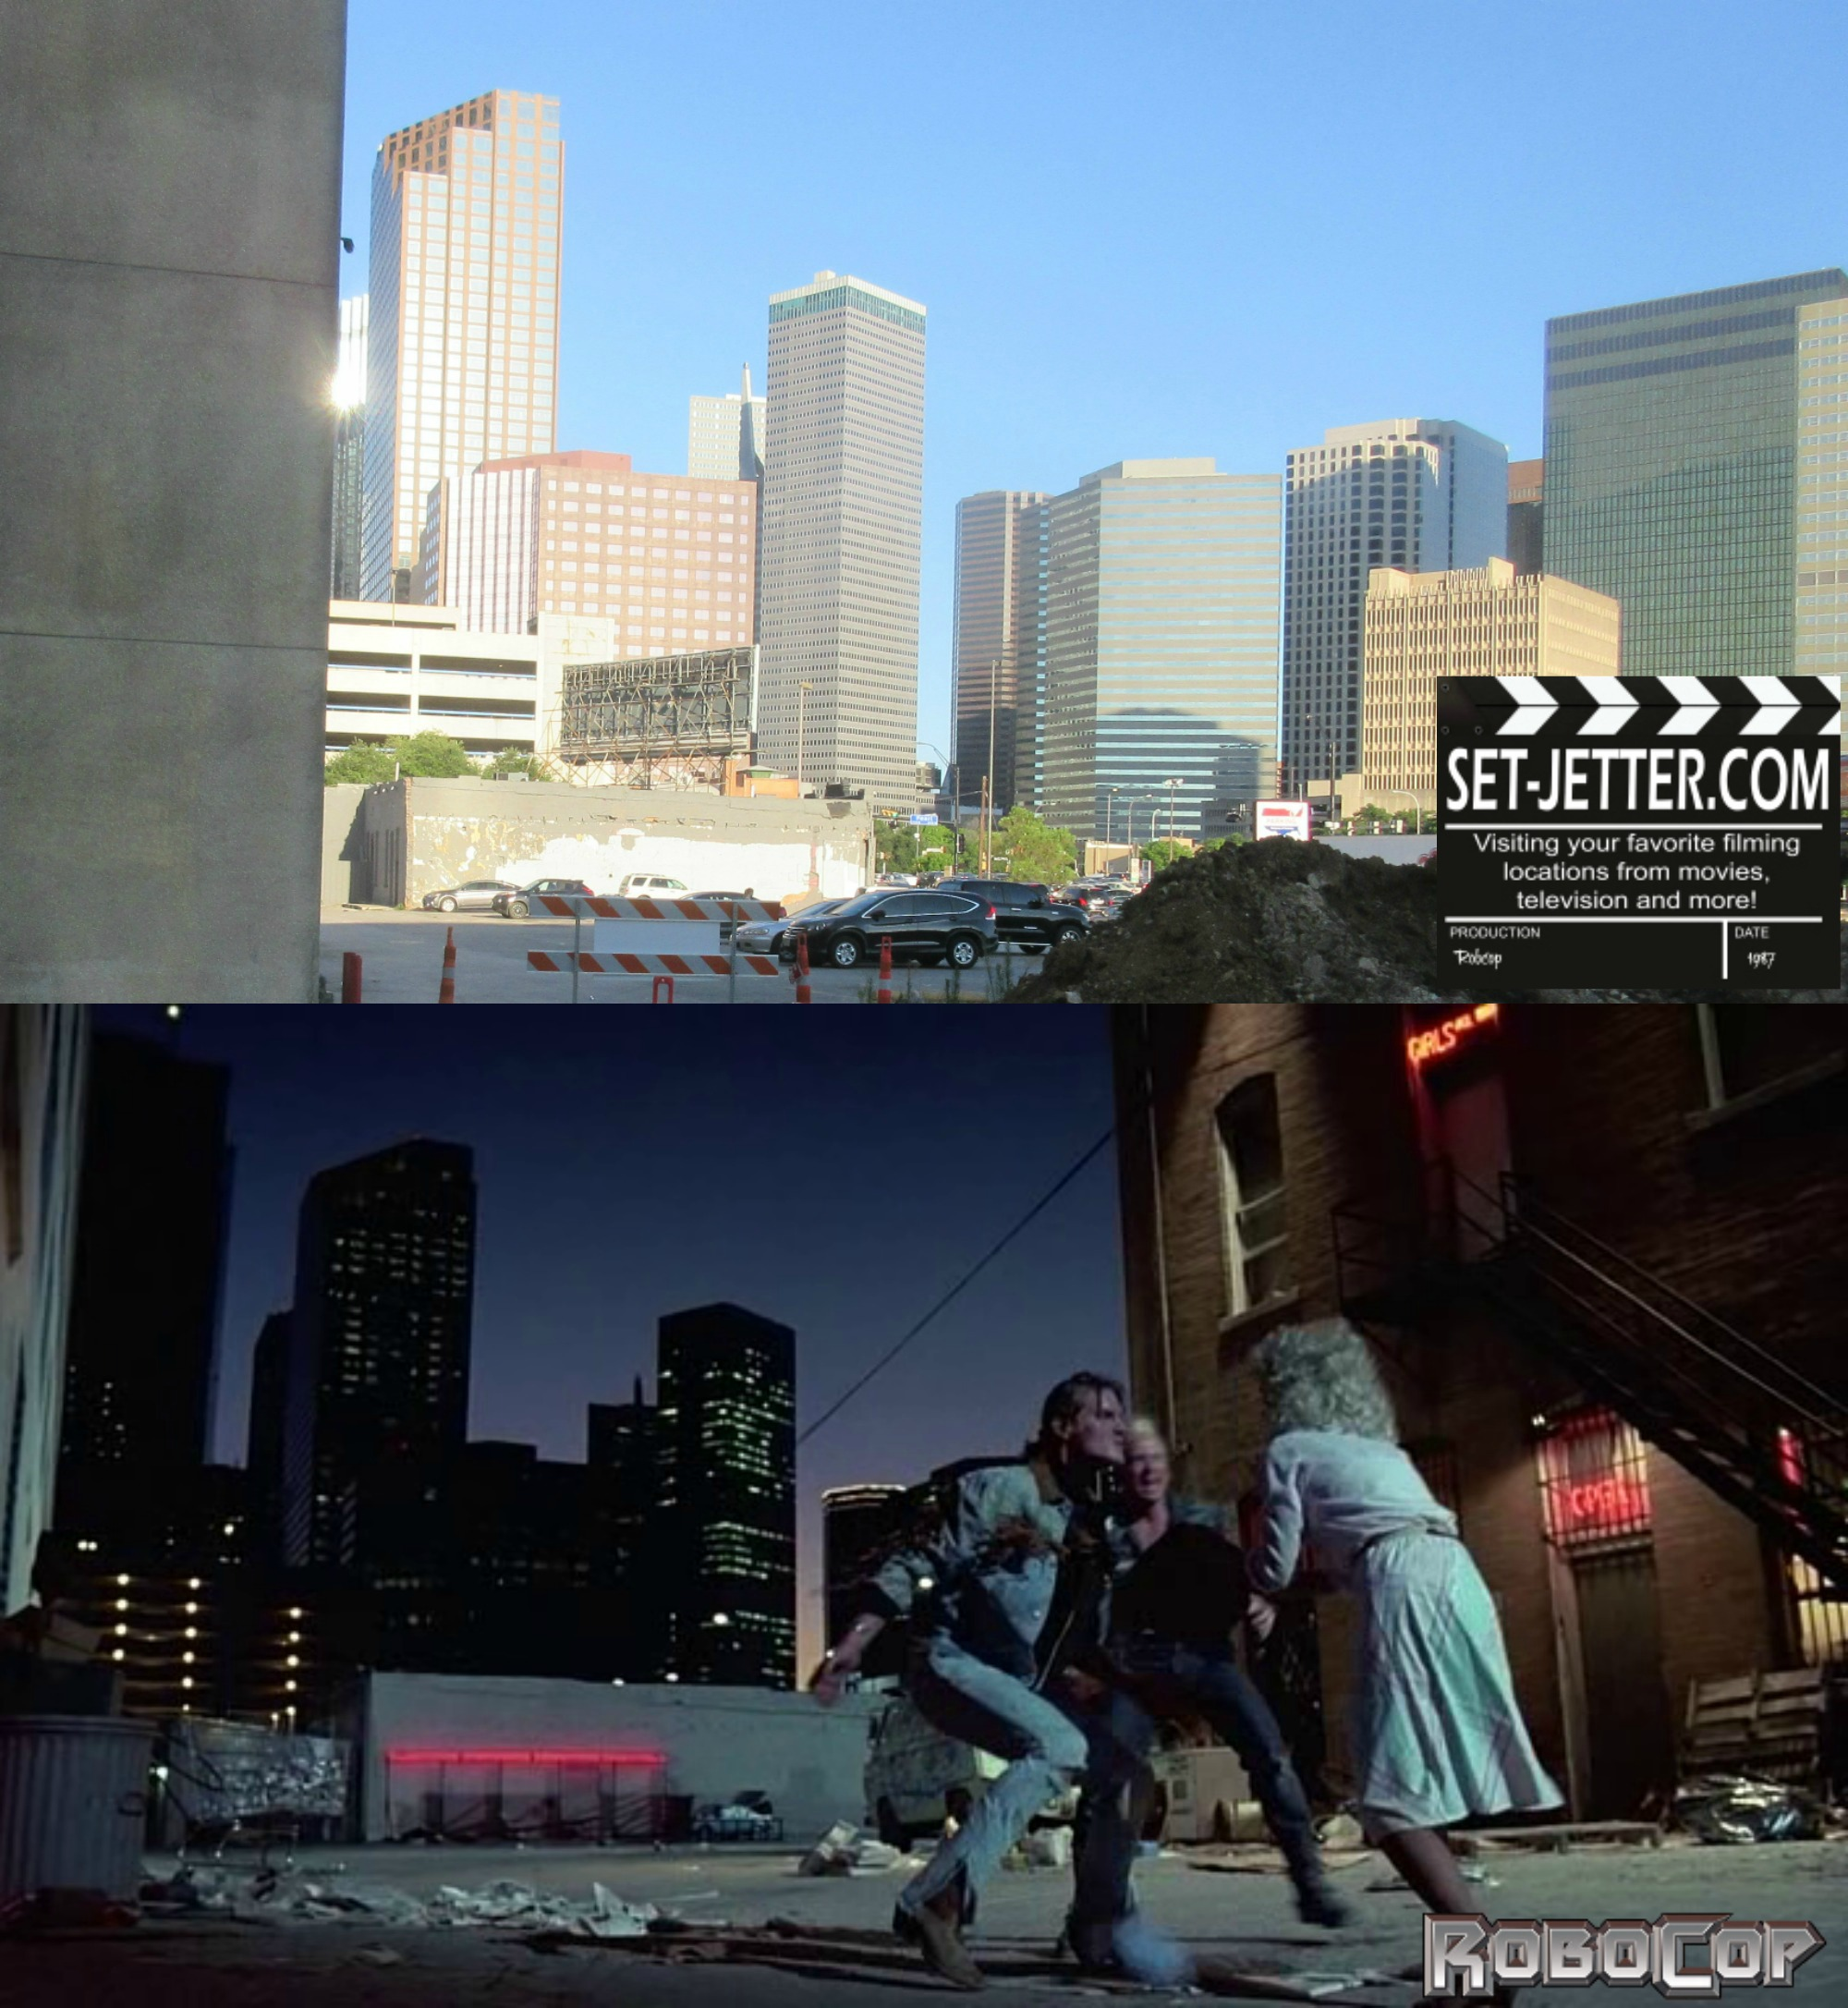 Robocop comparison 53.jpg